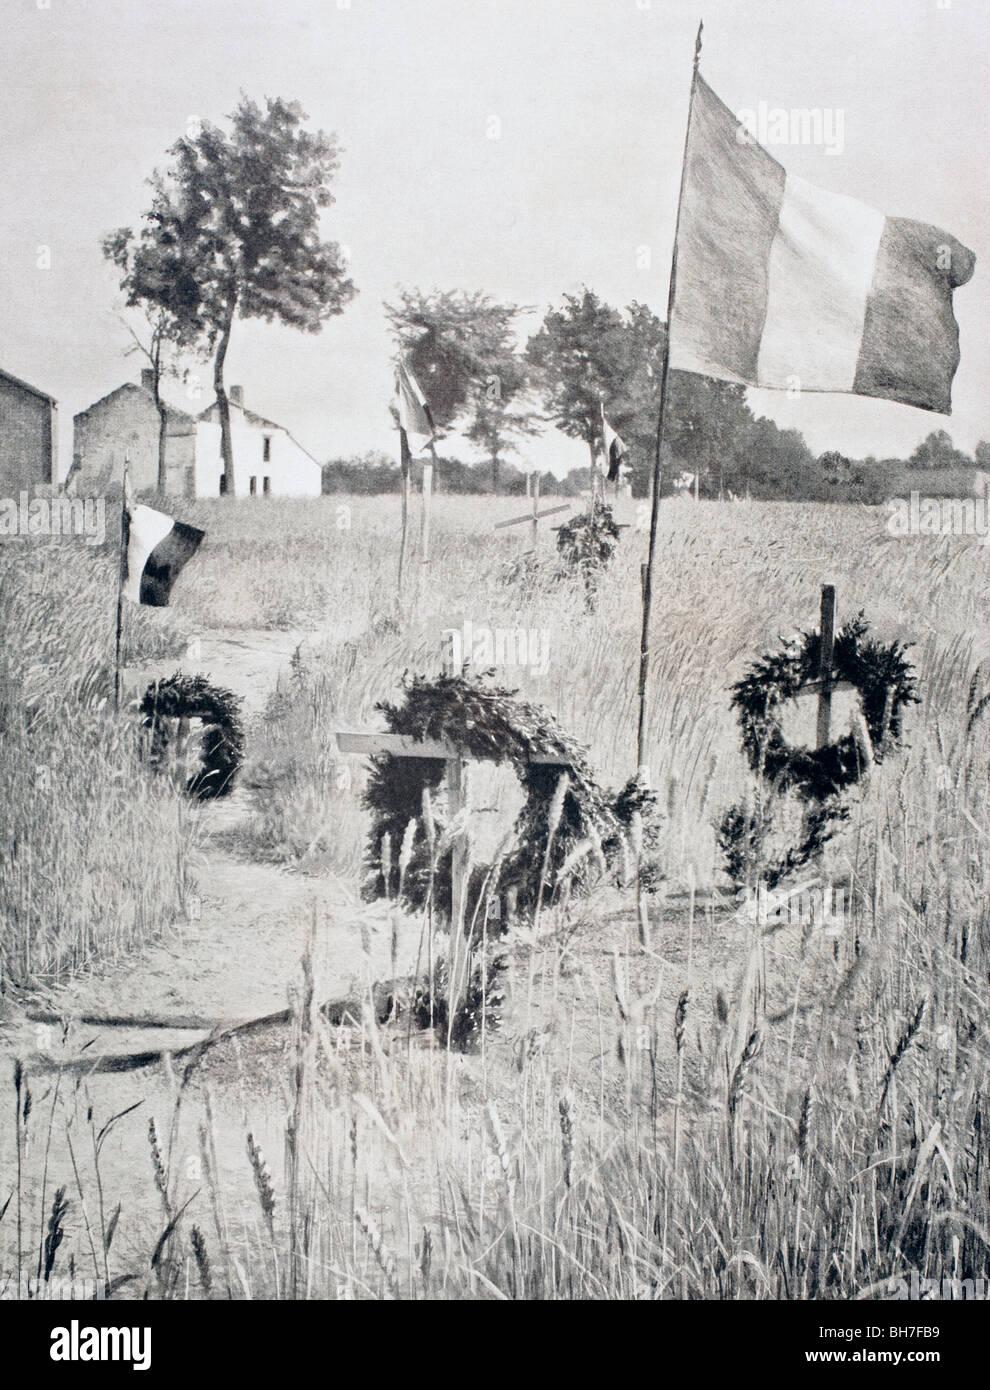 Tombe nei campi di grano sul fronte occidentale durante la Prima Guerra Mondiale. Immagini Stock